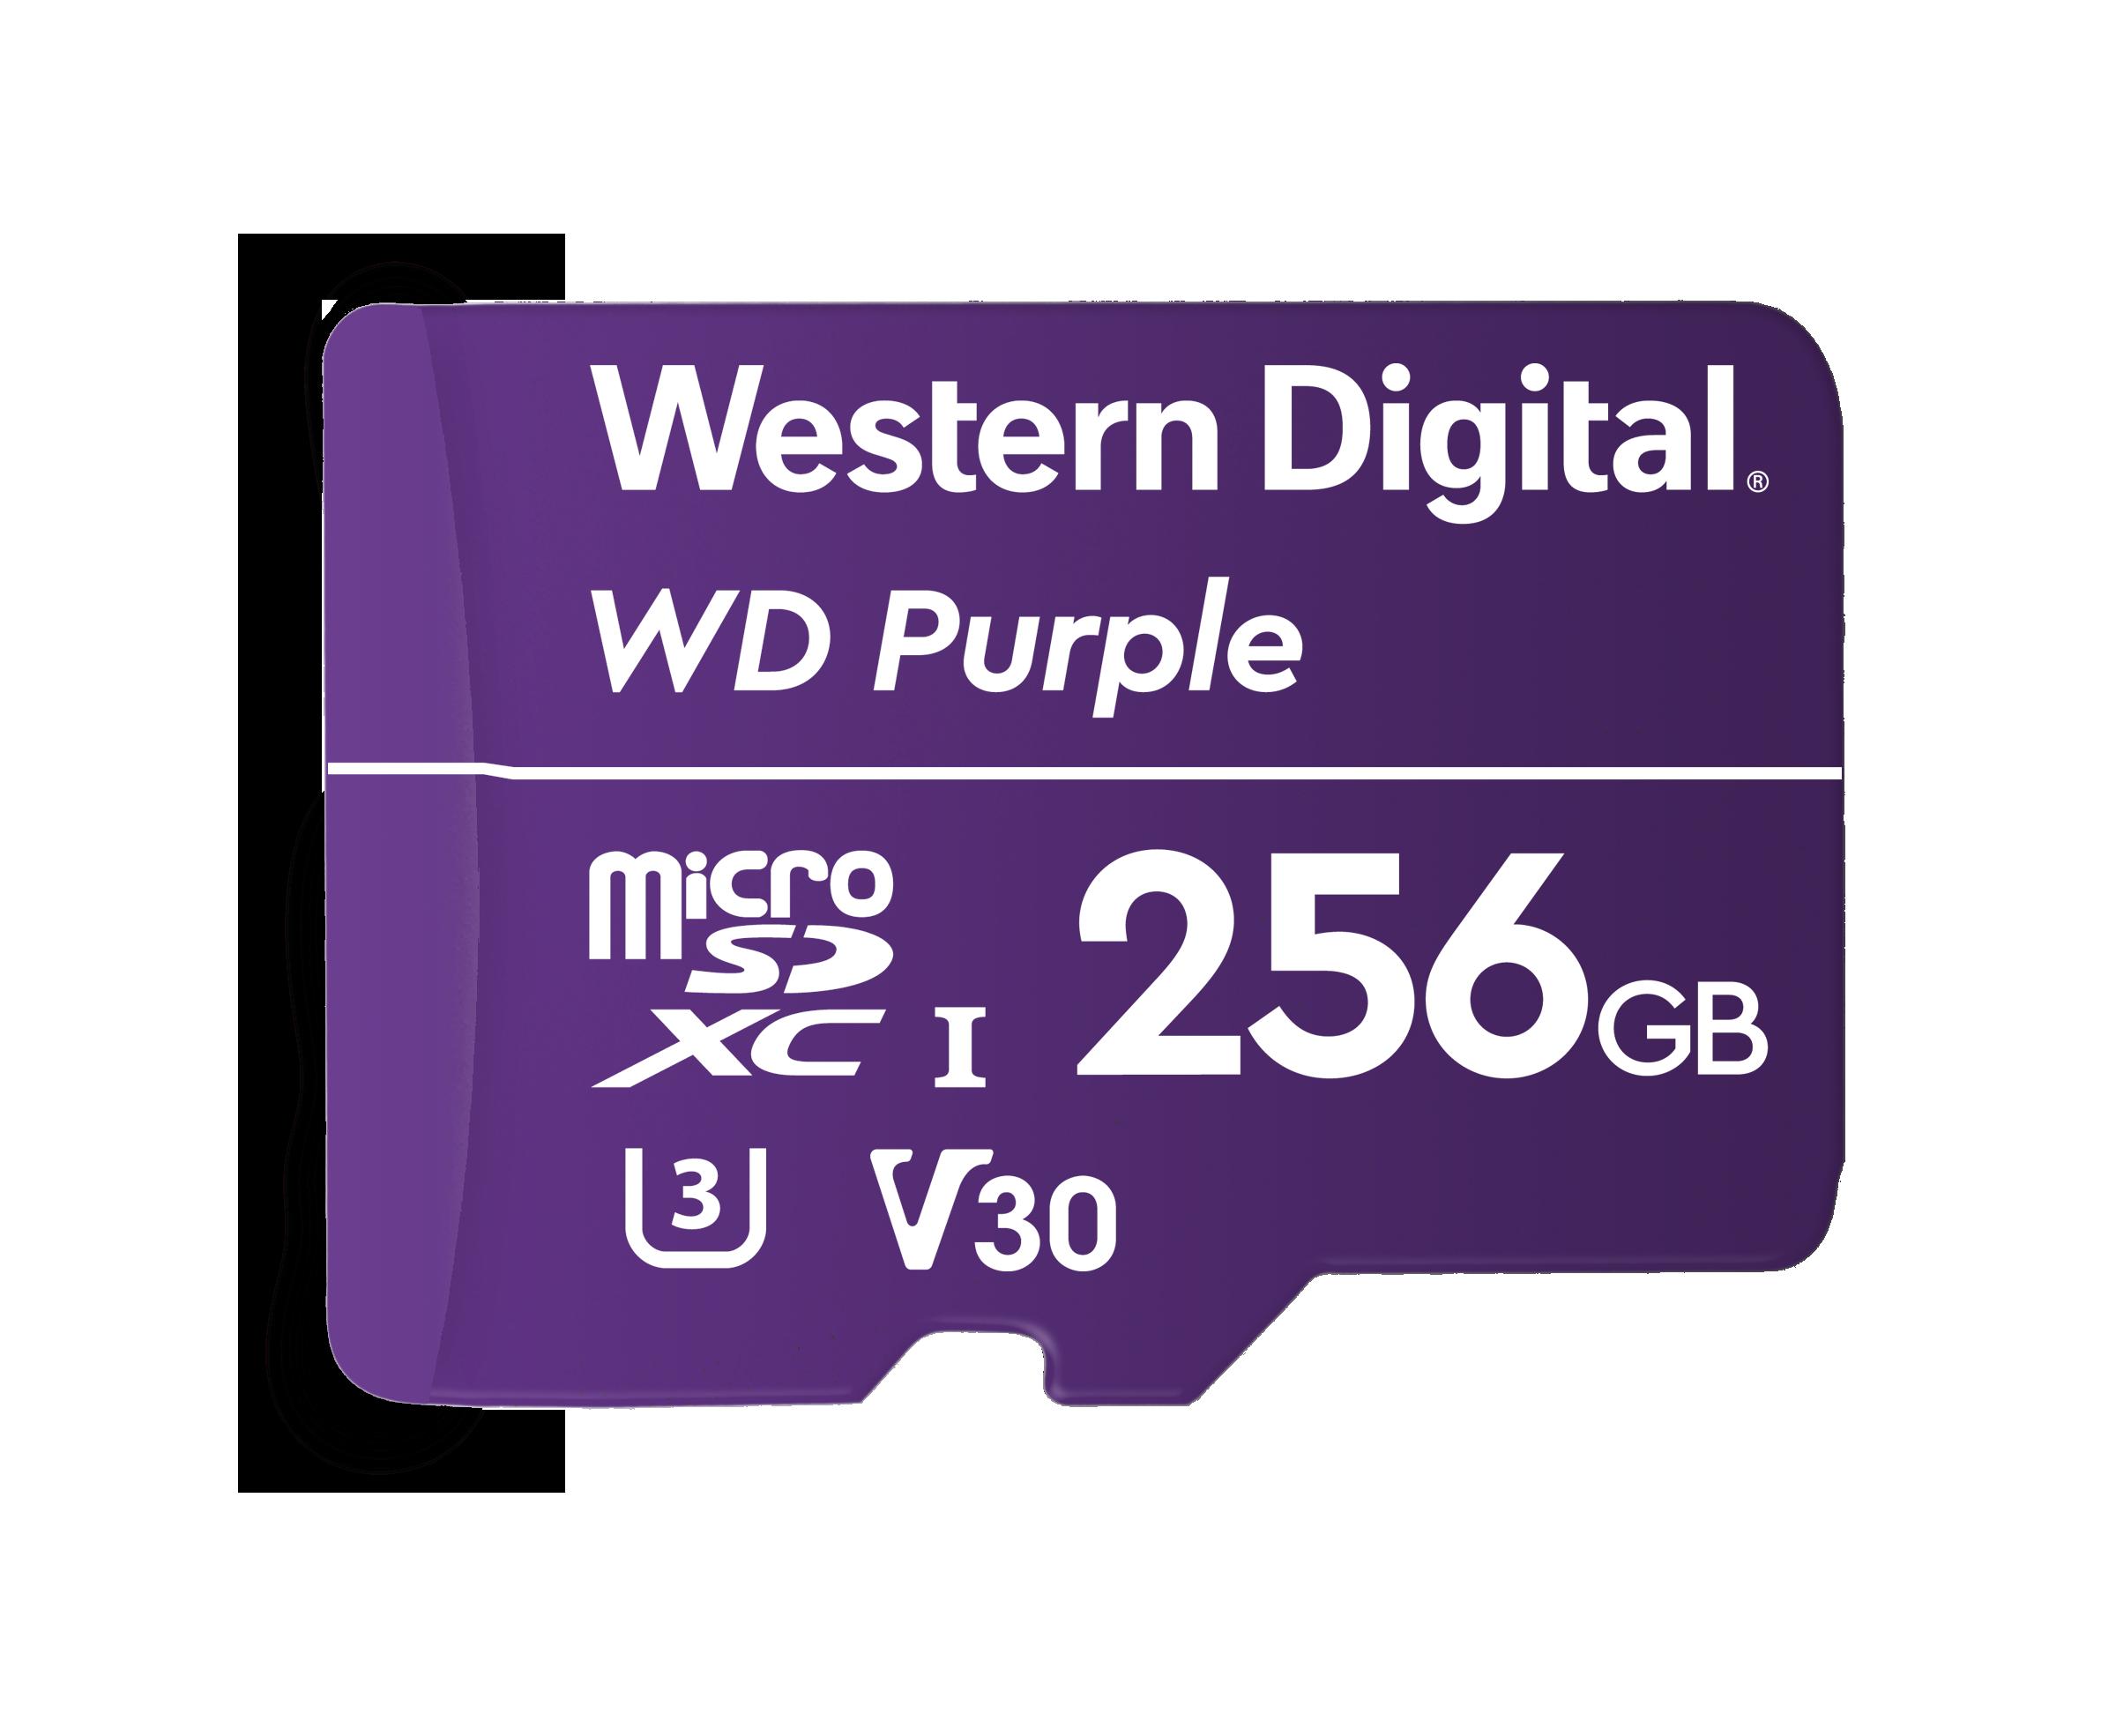 因應邊緣智慧影像的動態需求 Western Digital進一步擴大監控儲存與數據分析產品組合